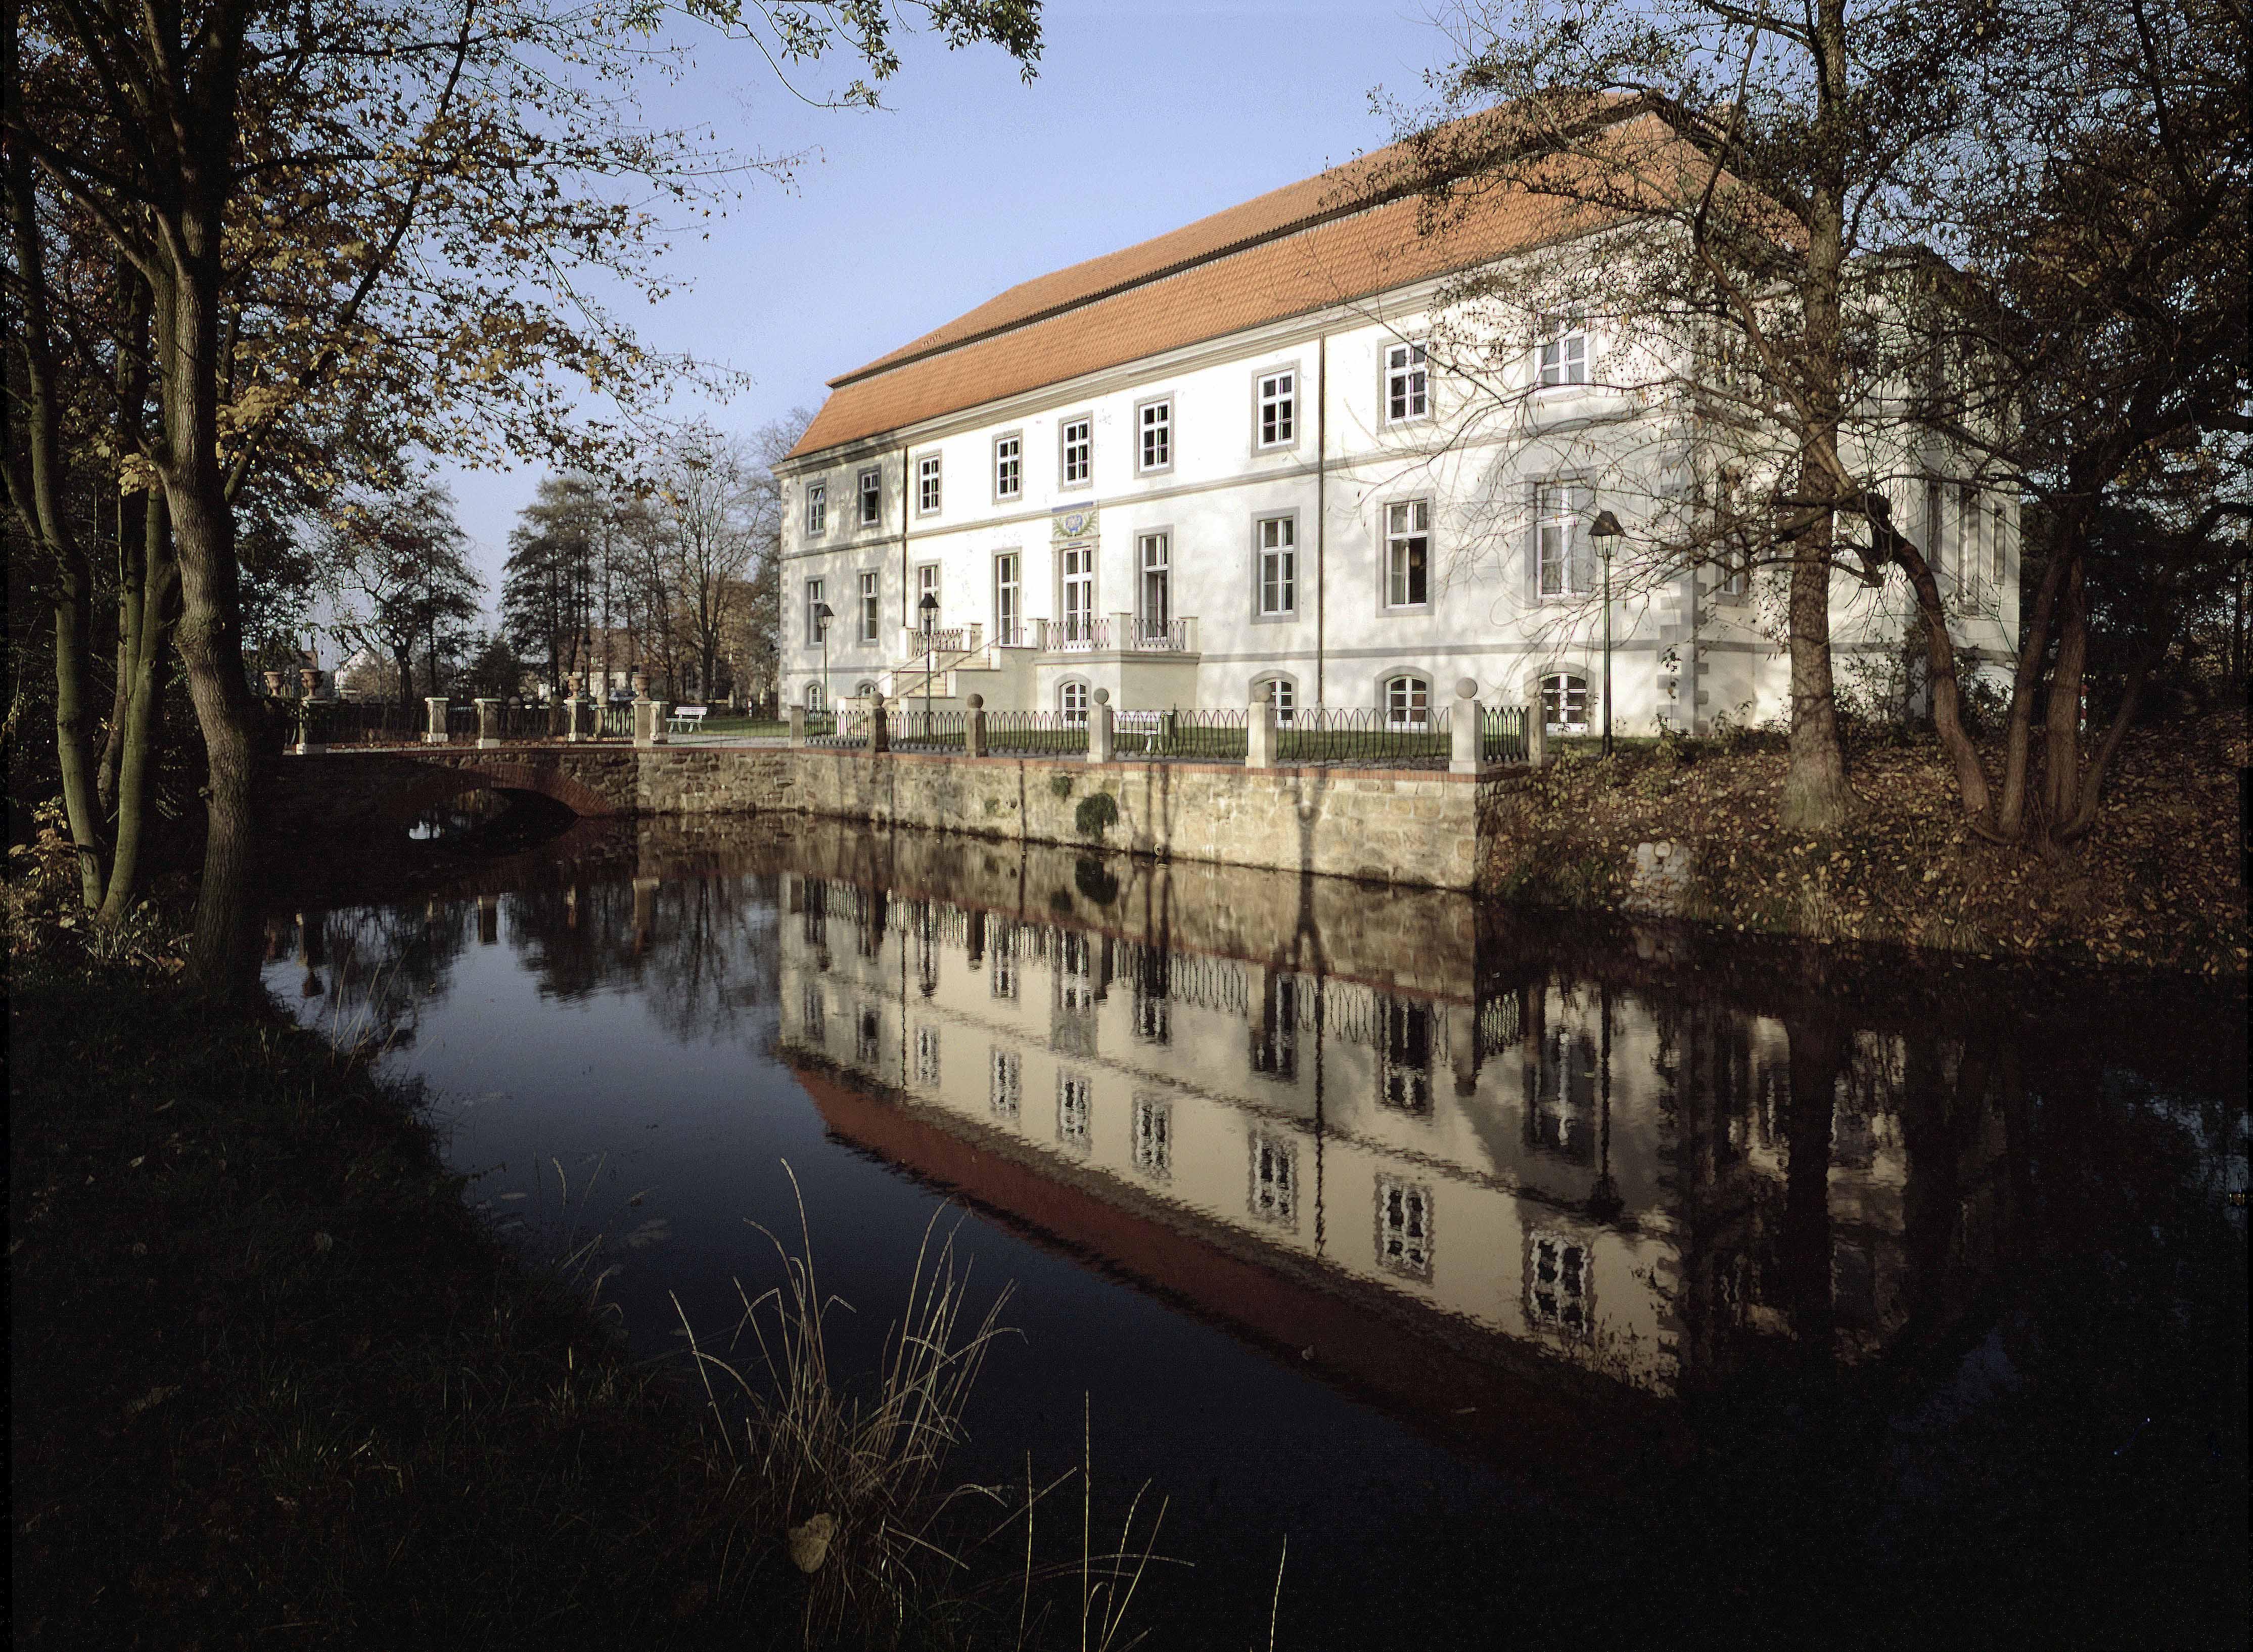 Schloss Ovelgönne